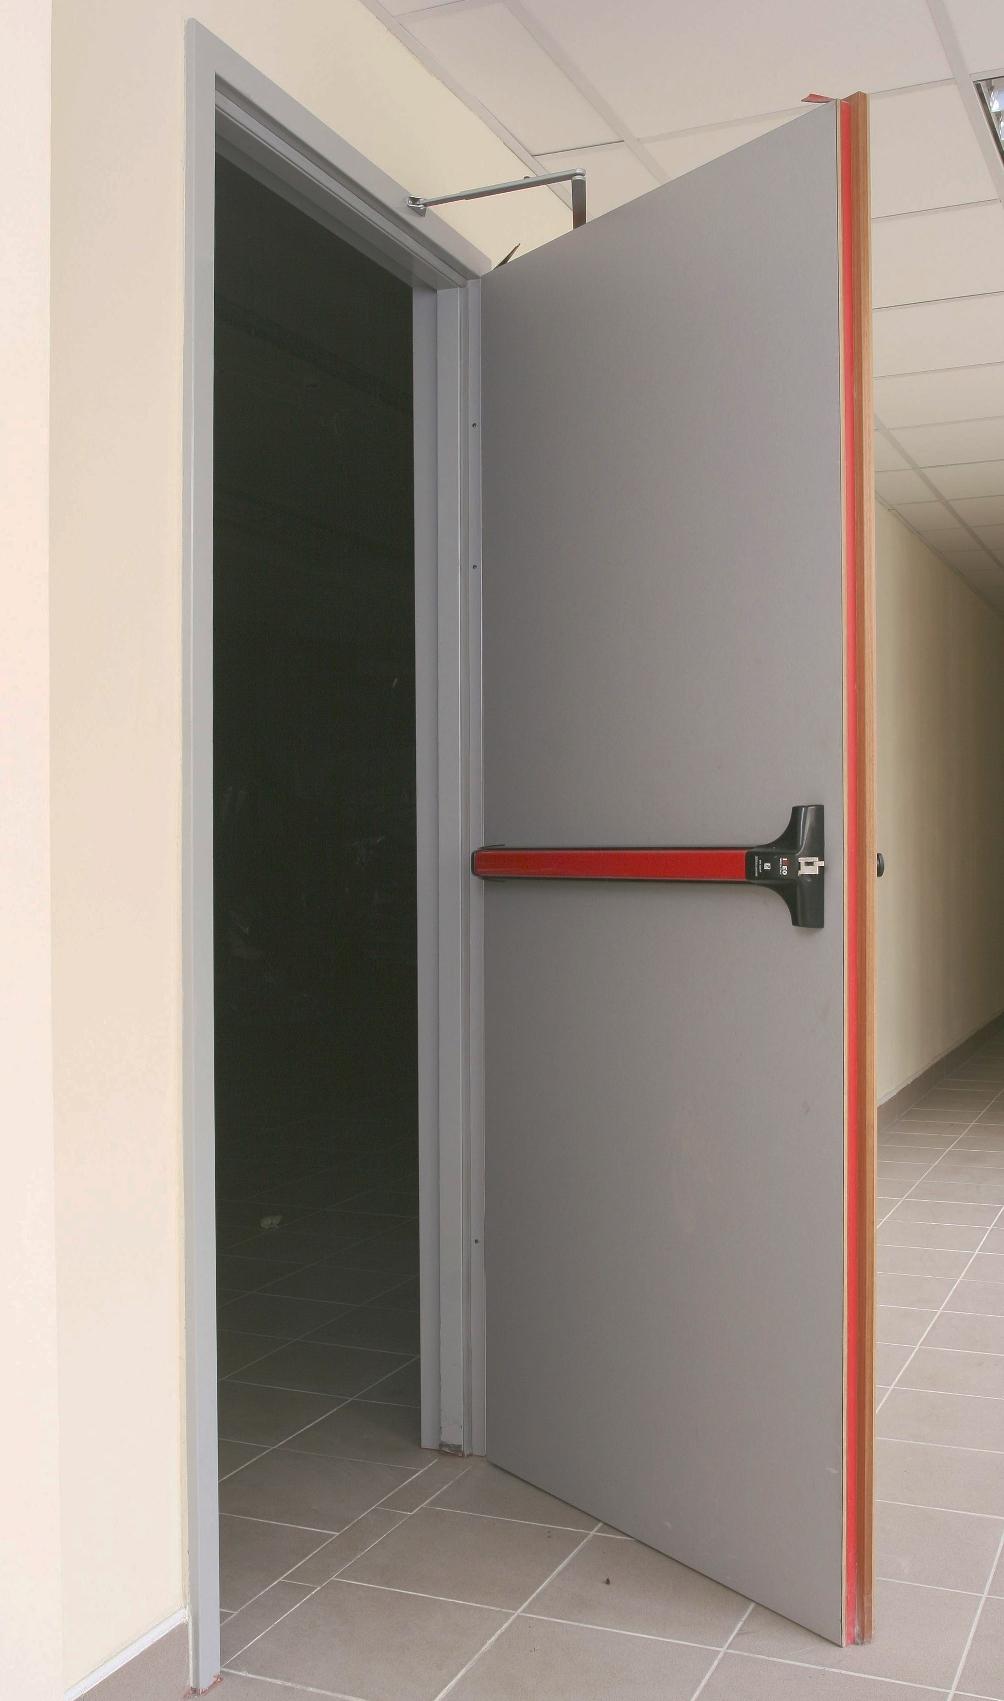 Внешний вид противопожарной двери